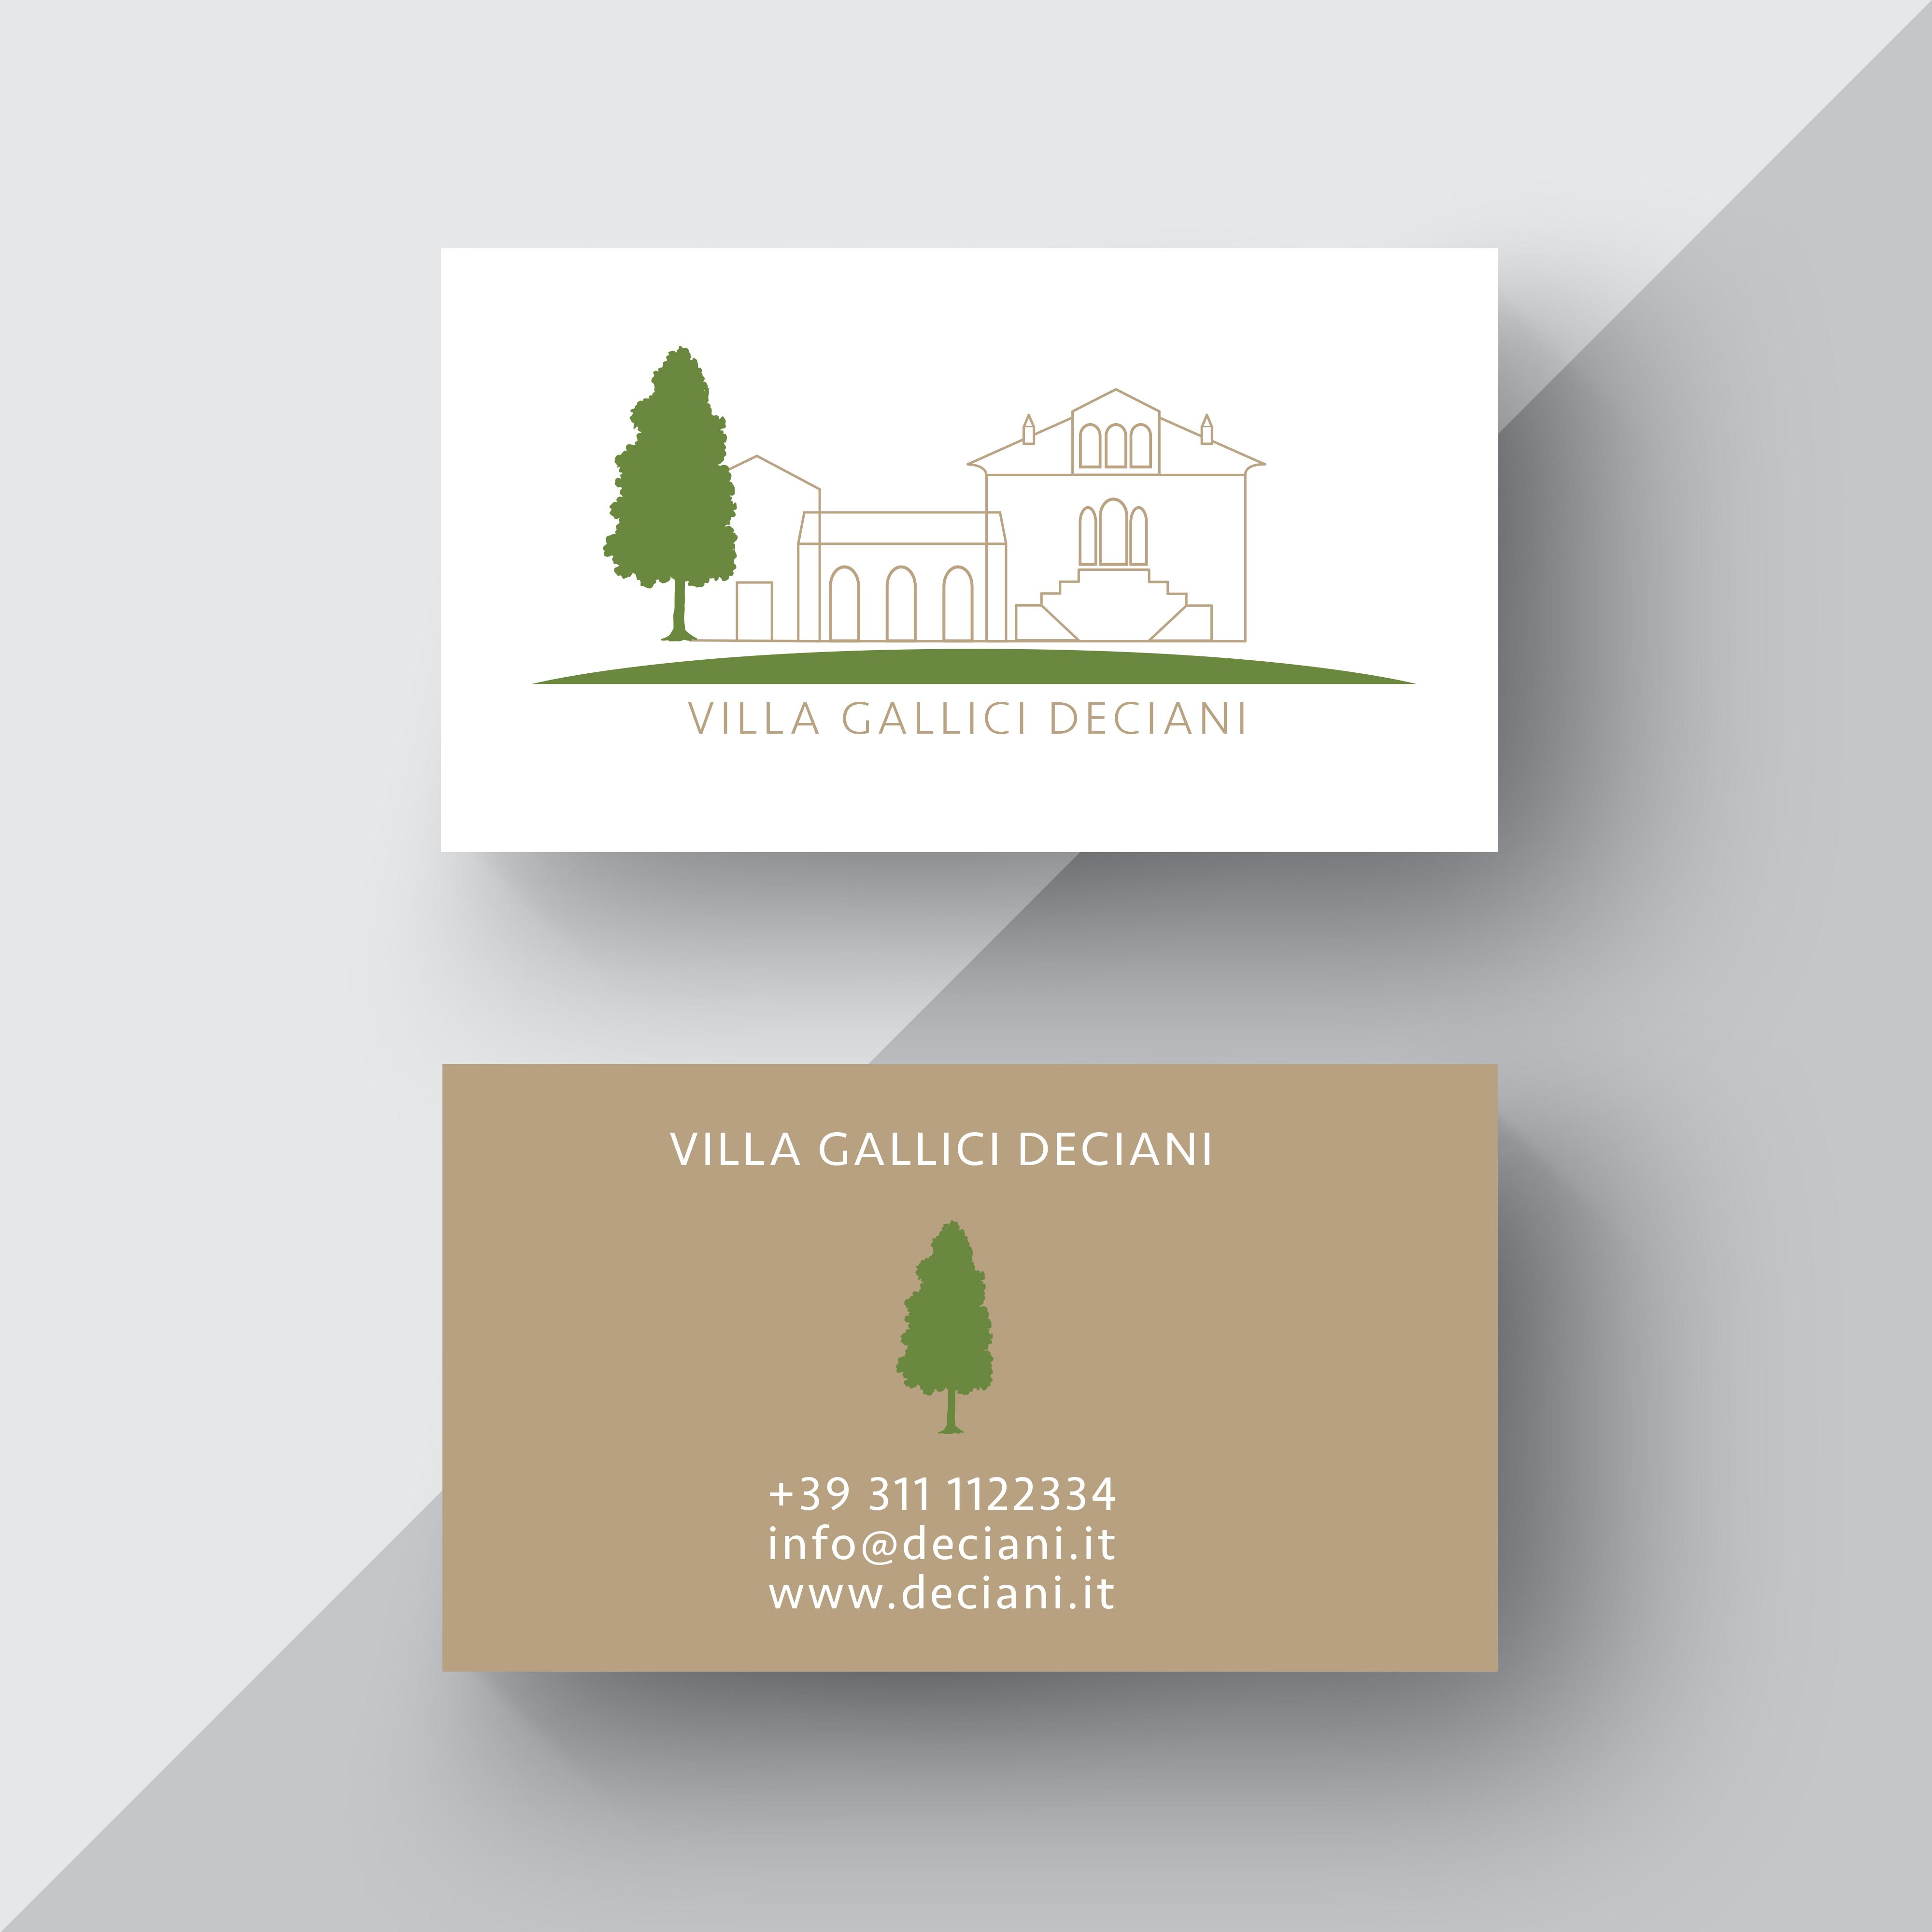 villa-gallici-deciani